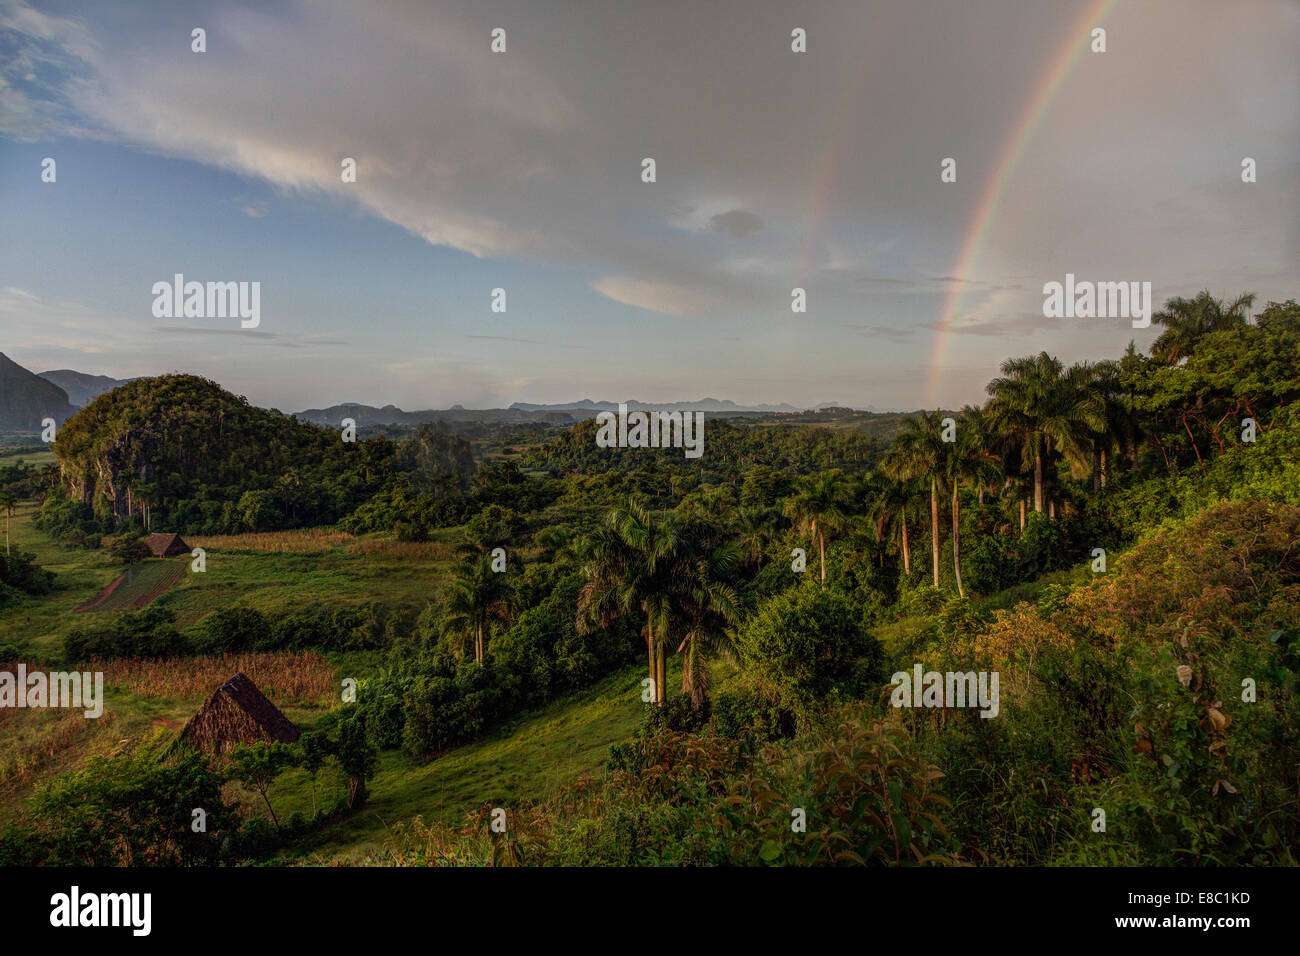 Rainbow in serata il paesaggio di Vinales, Pinar del Rio provincia, Cuba Immagini Stock